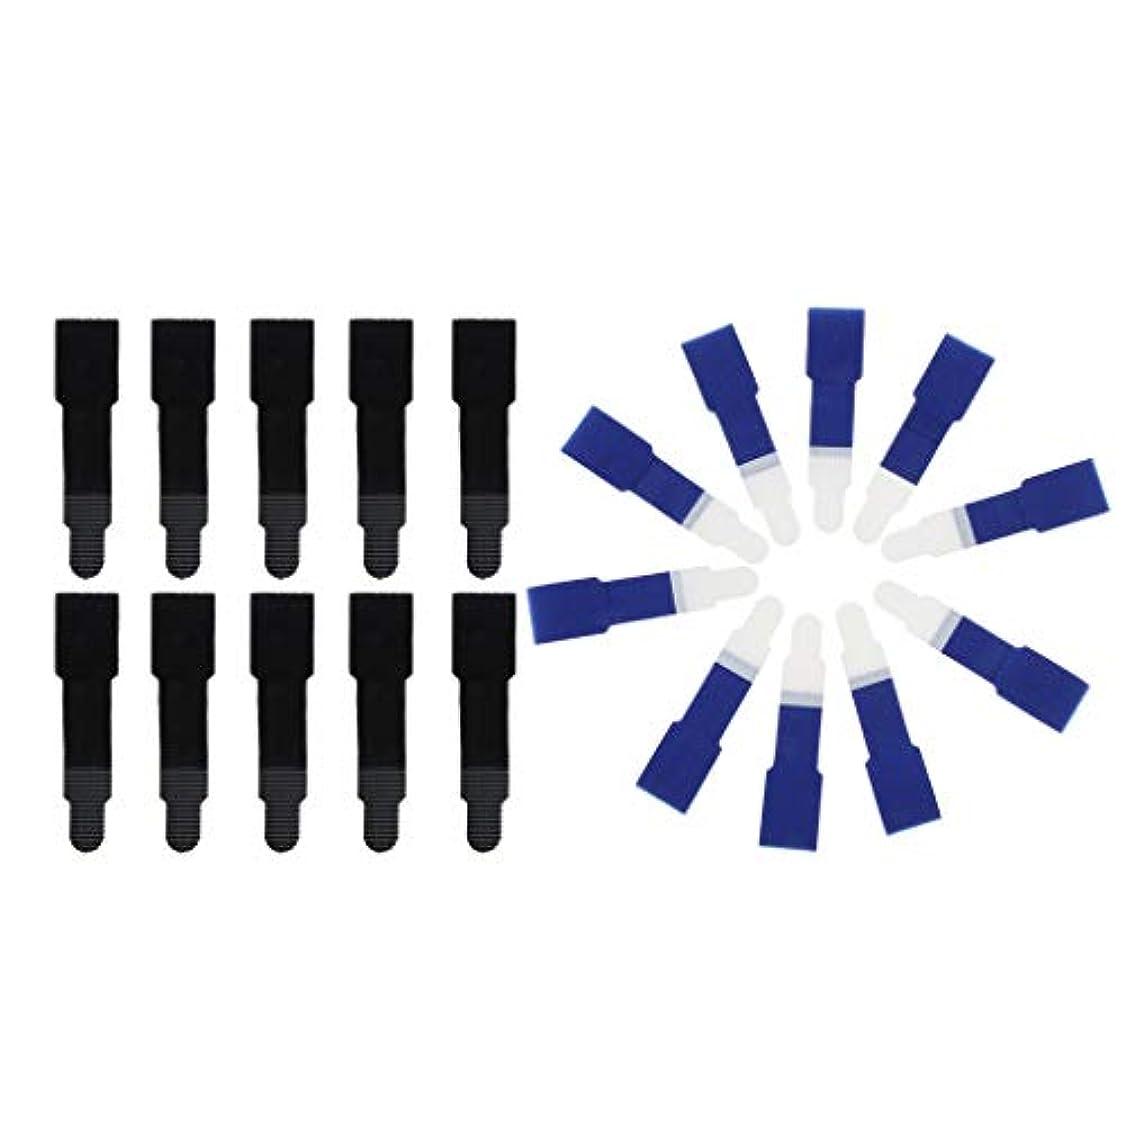 補助金長さ見る人Hellery 足のための20ピース/個つま先ラップ滑り止めつま先ブレースプロテクター包帯矯正 - ブラック+ブルー